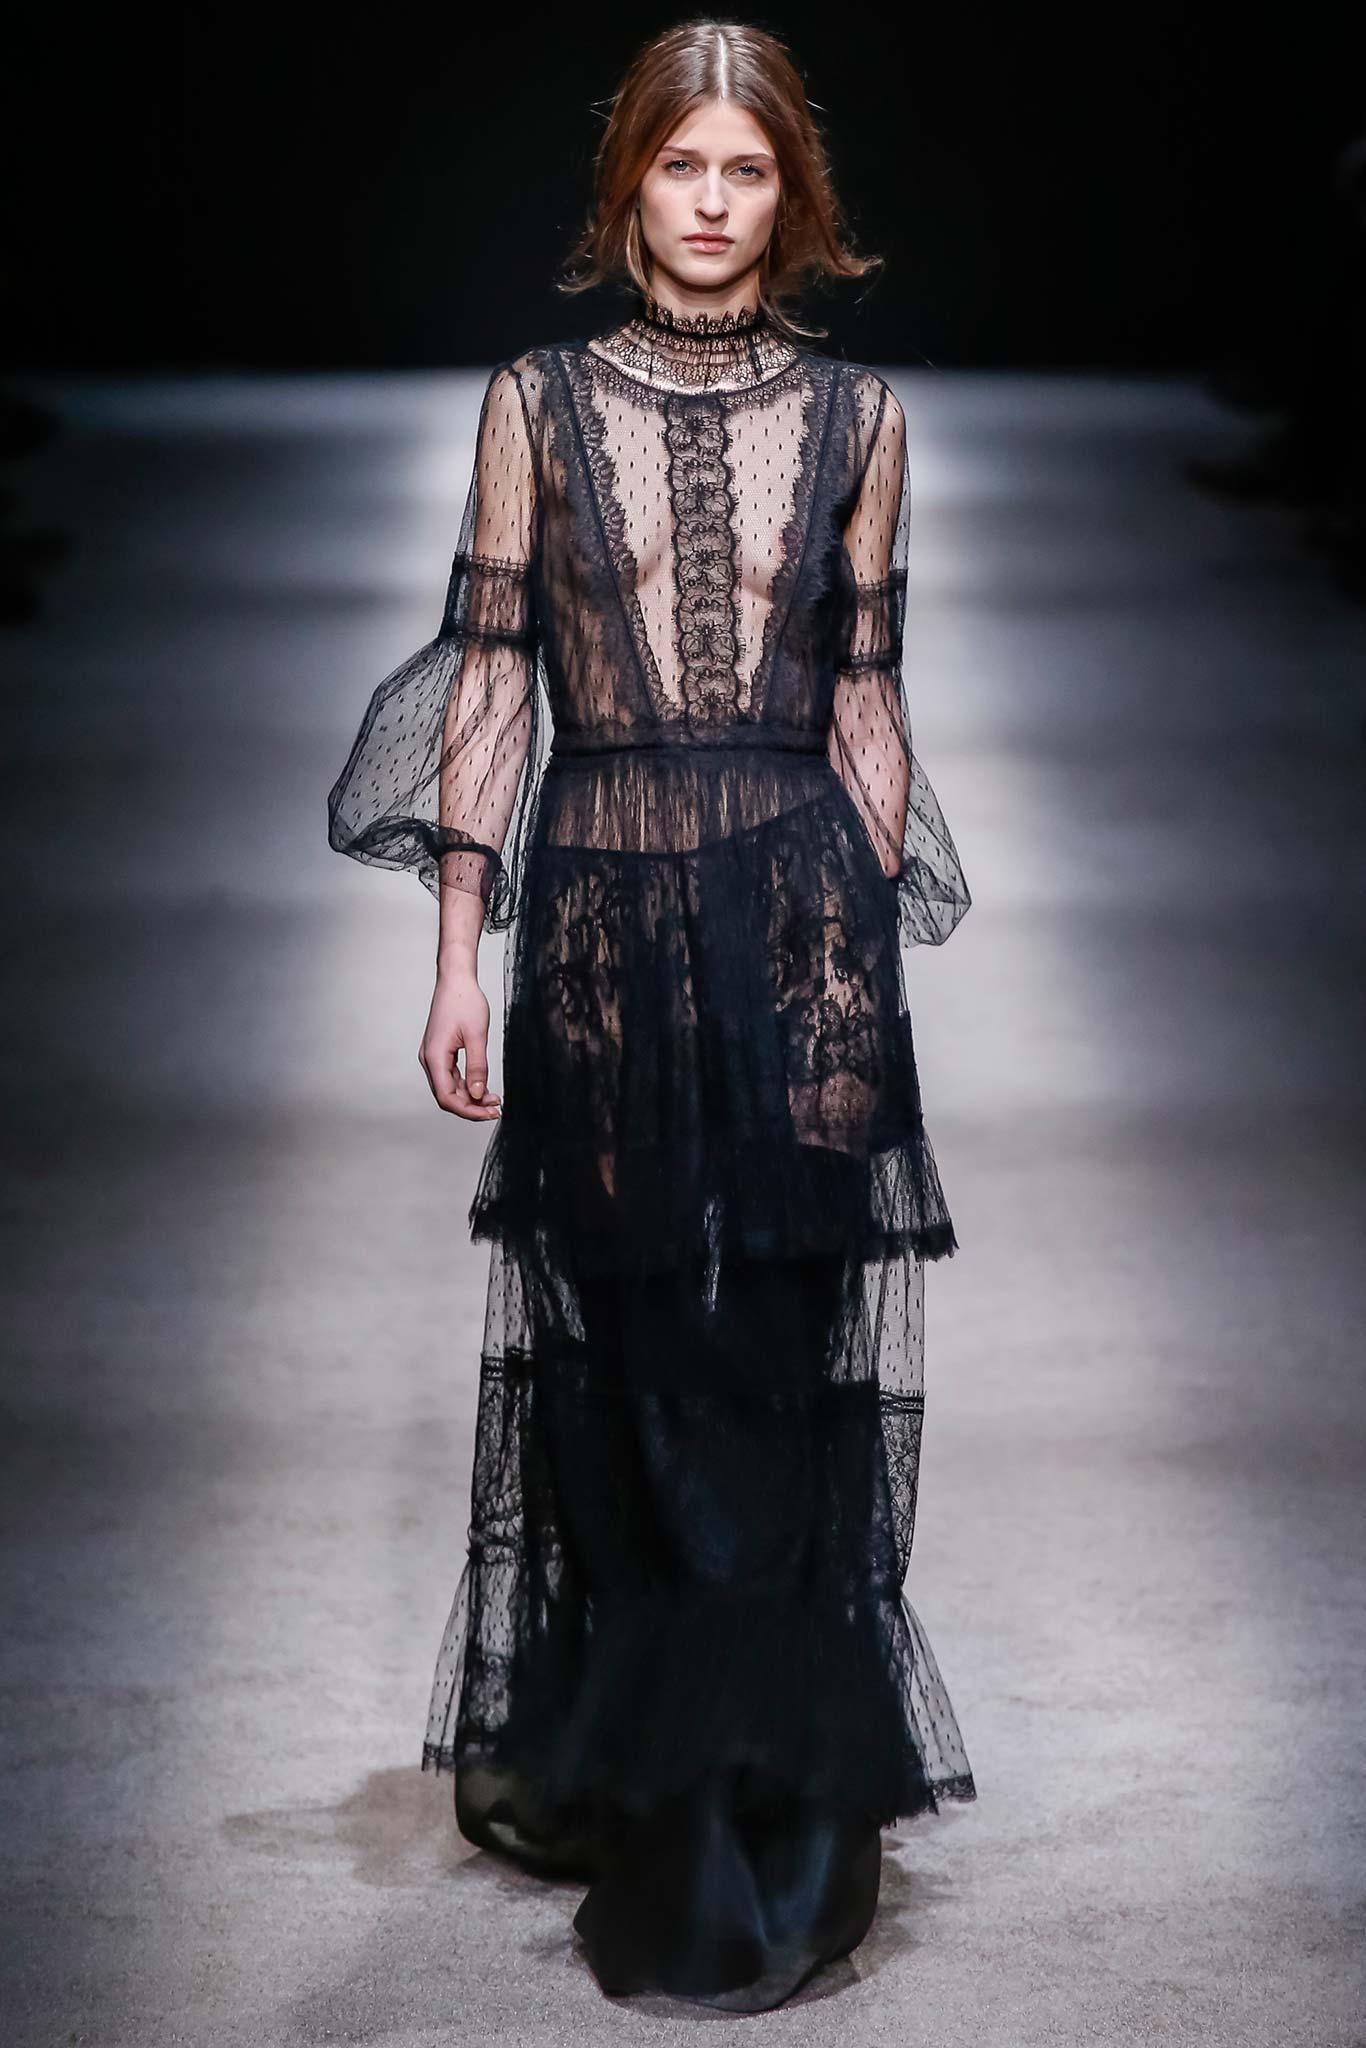 Alberta Ferretti весна лето 2015 Неделя моды в Милане: 6 тенденций, которые точно приживутся в России